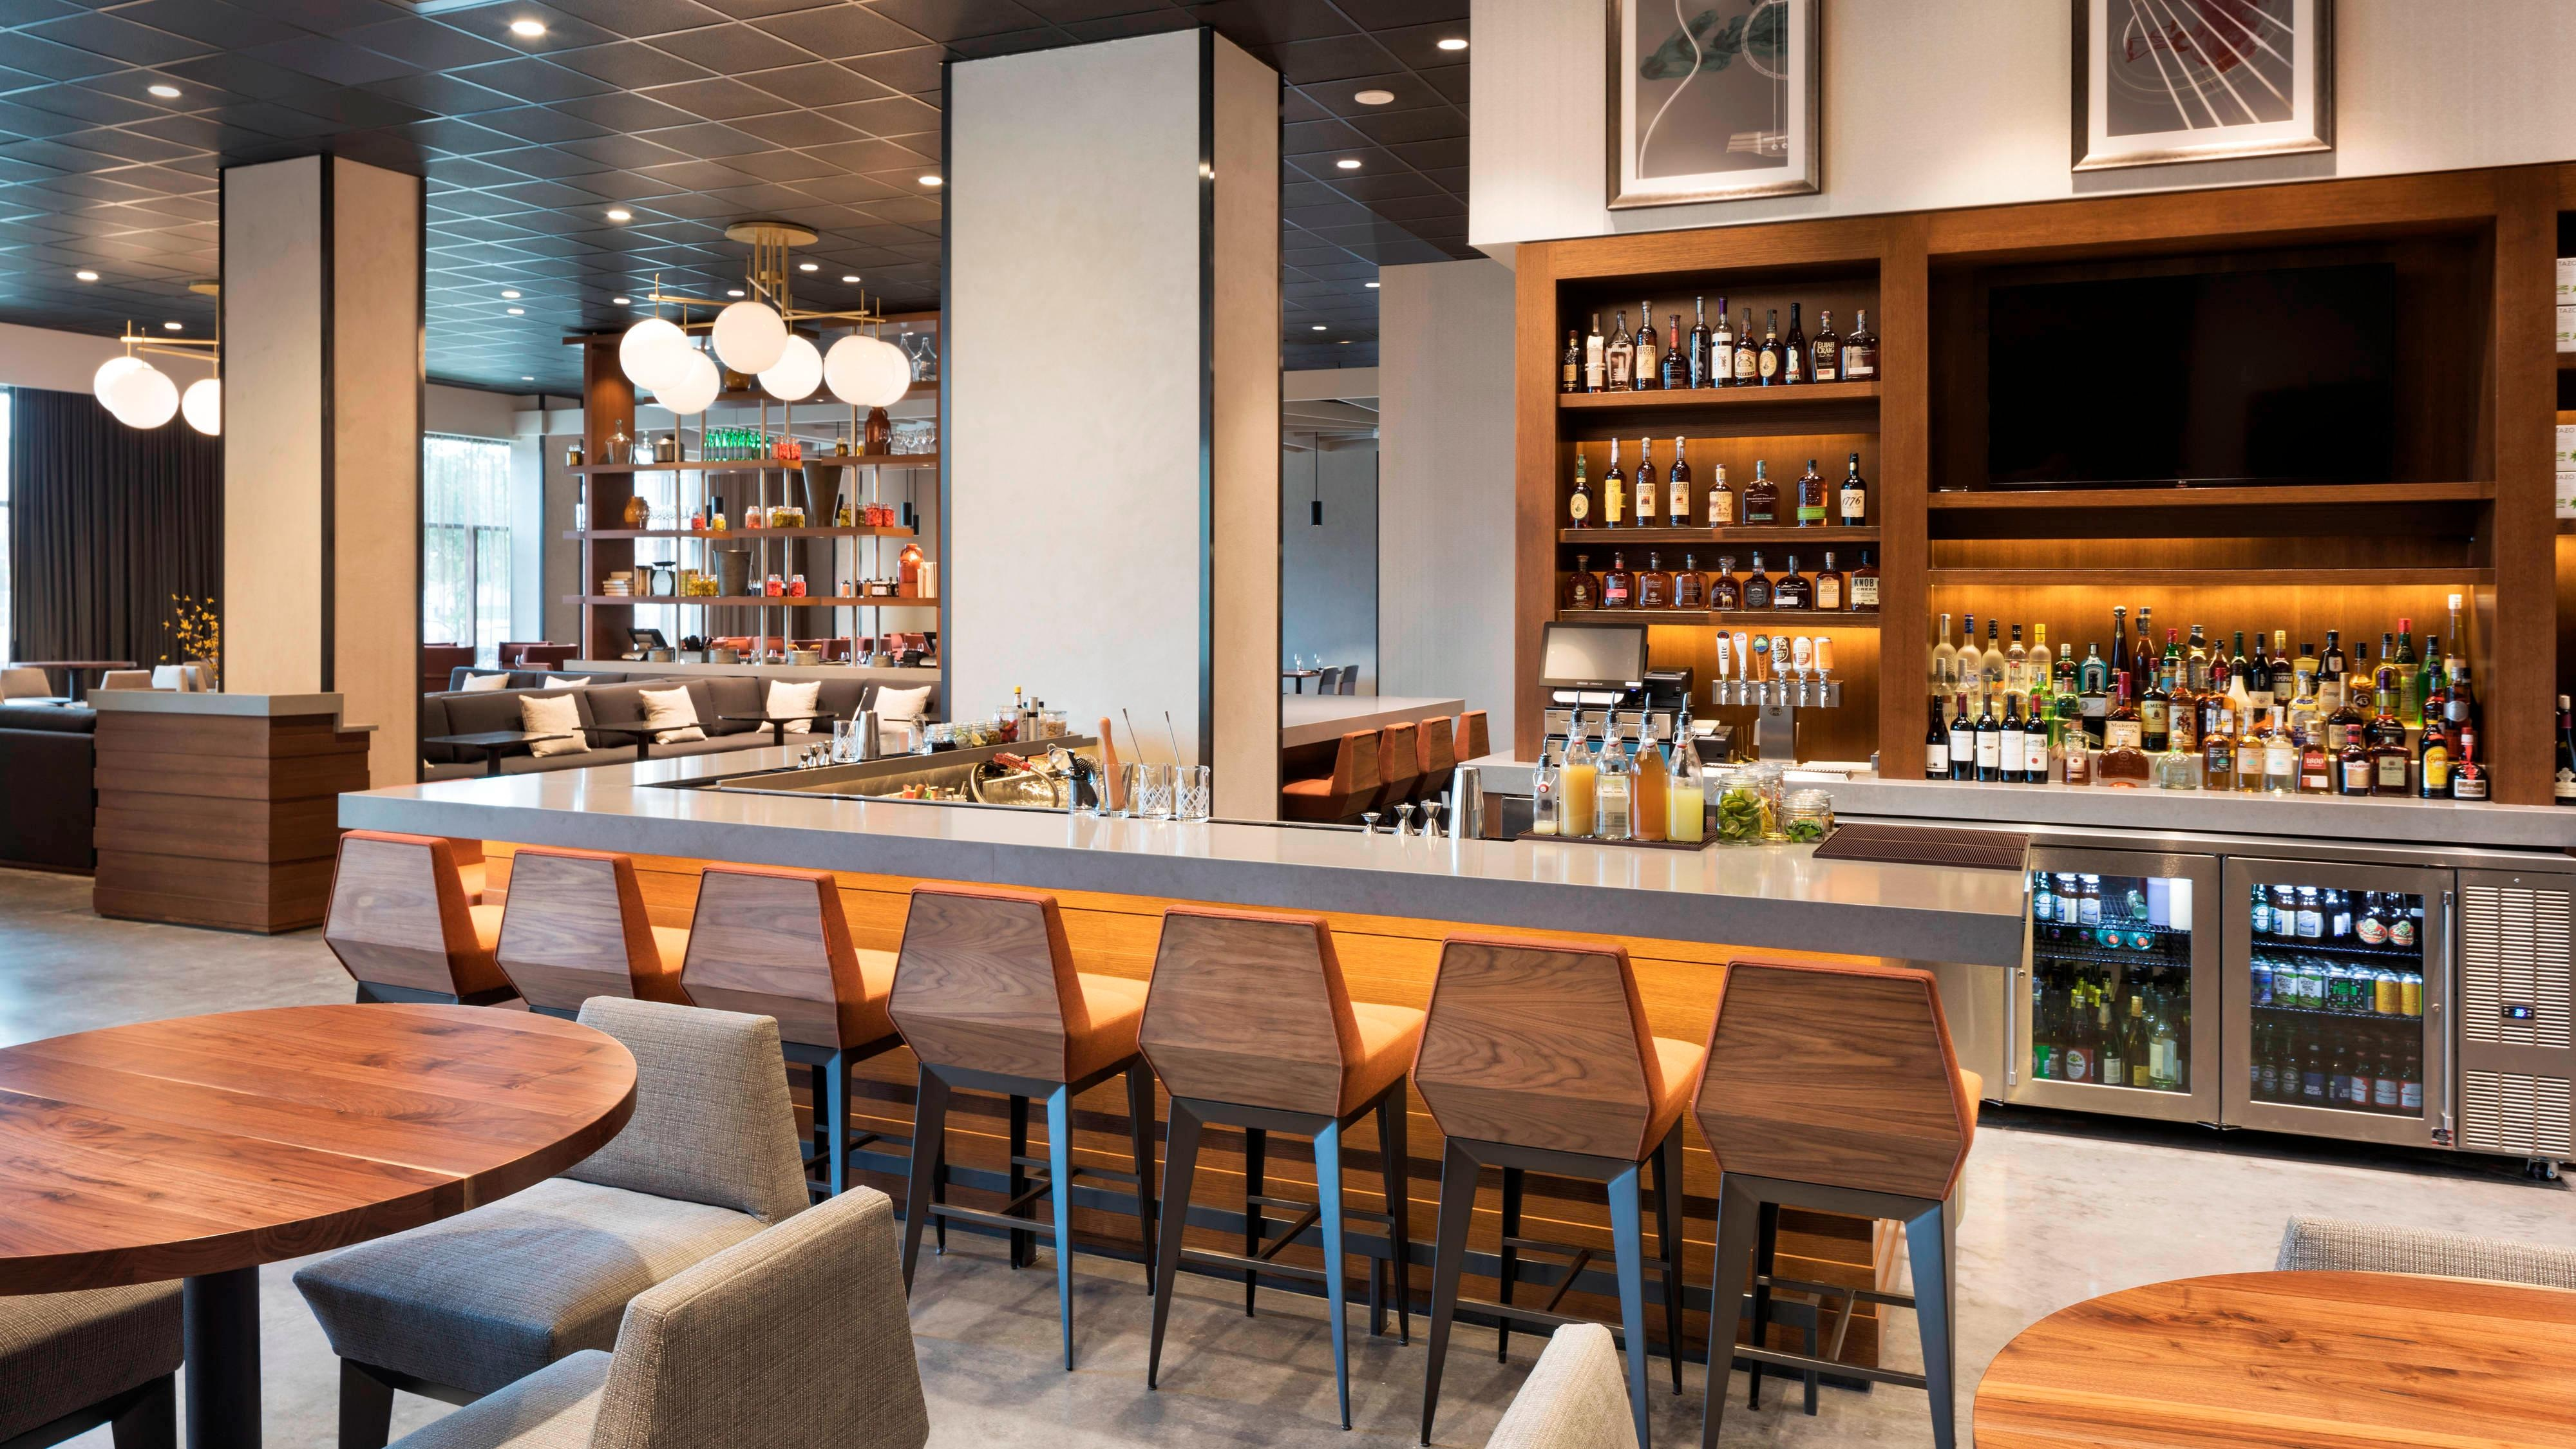 The Westin Jackson Estelle Wine Bar Bistro Restaurant